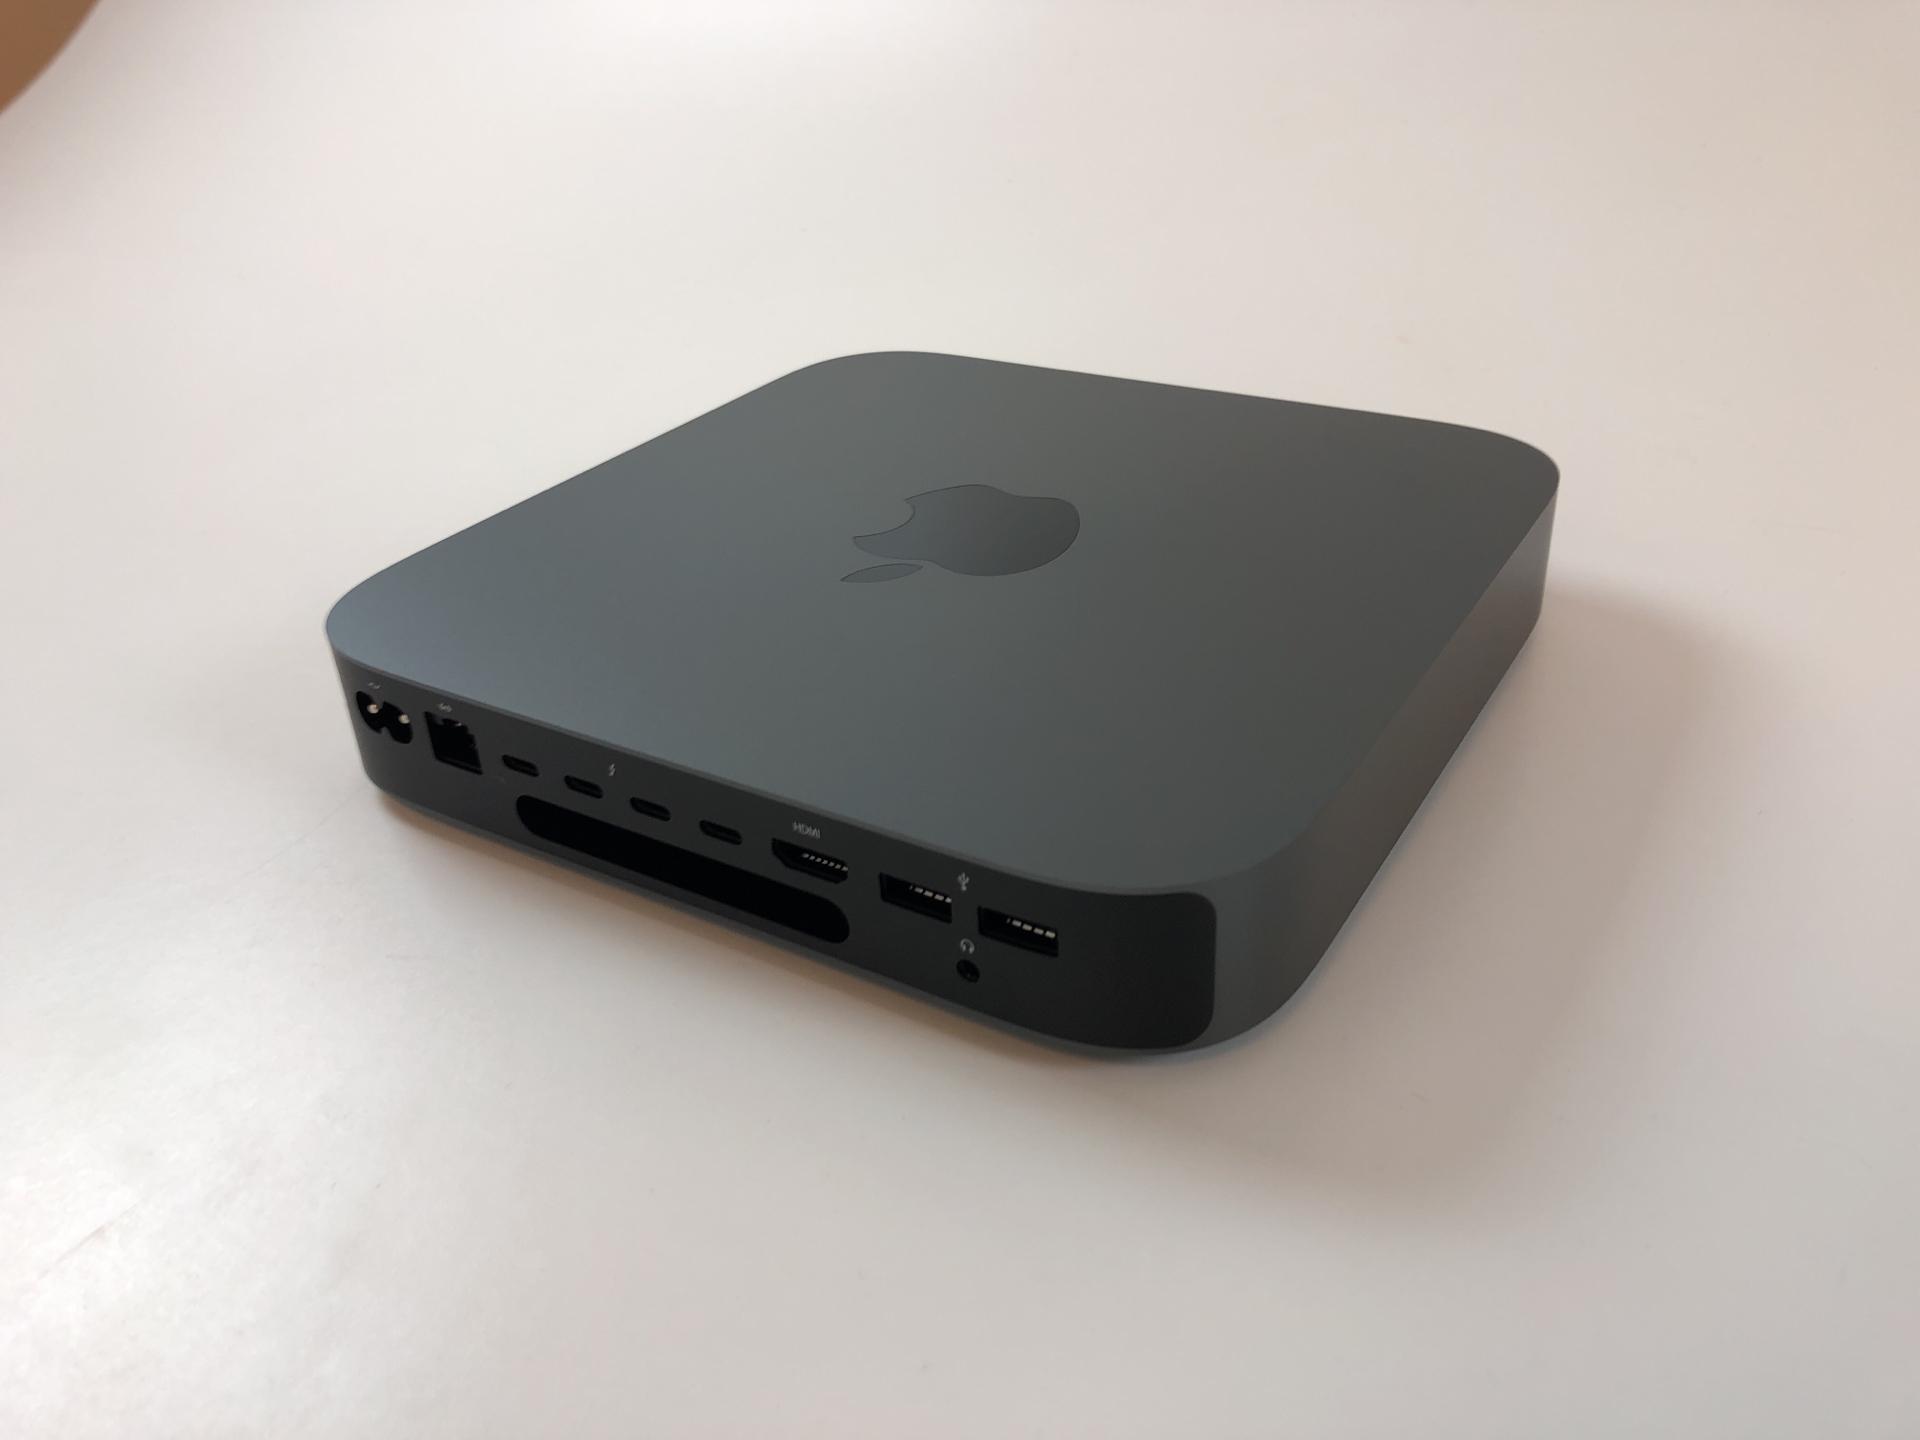 Mac Mini Late 2018 (Intel 6-Core i7 3.2 GHz 32 GB RAM 512 GB SSD), Intel 6-Core i7 3.2 GHz, 32 GB RAM, 512 GB SSD, obraz 3